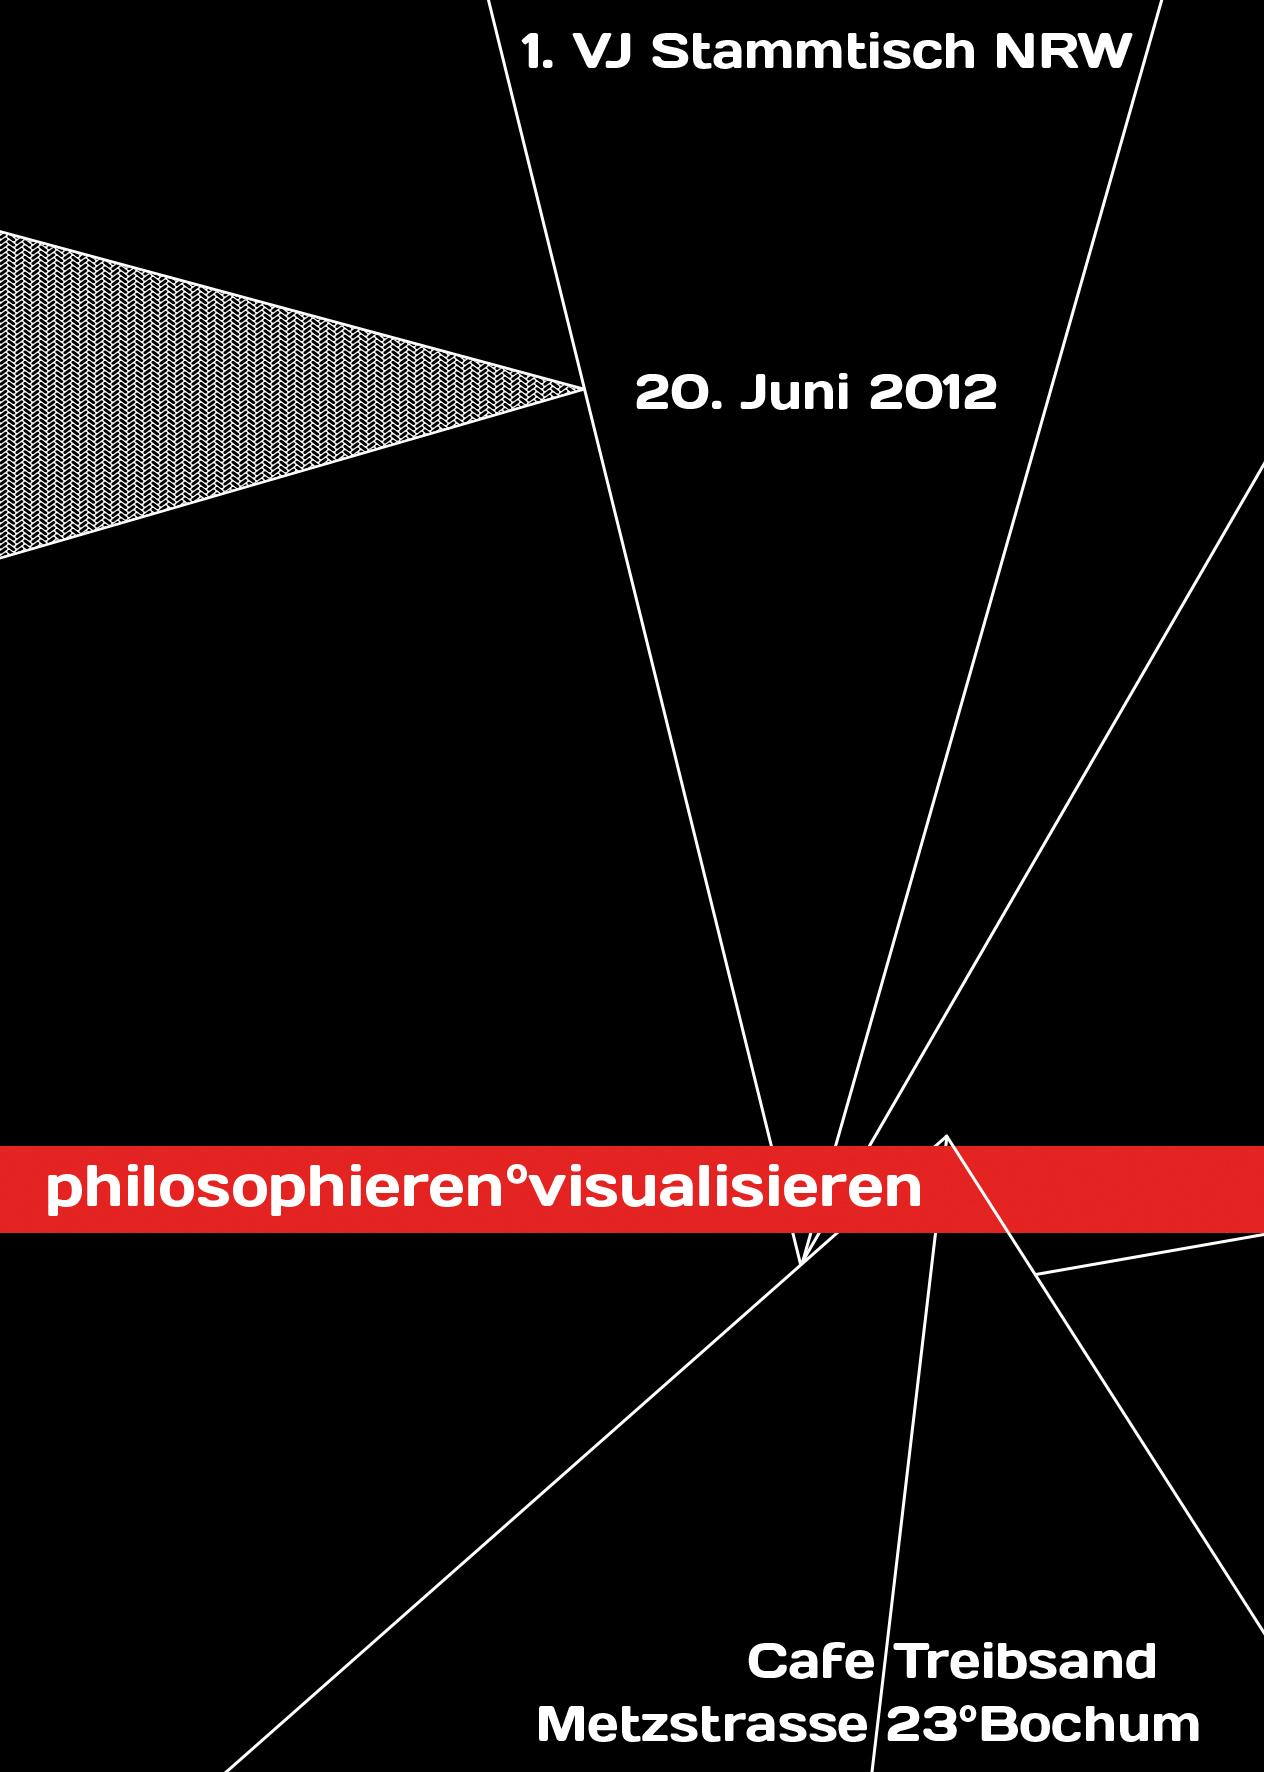 20.6.2012 - 1. VJ Stammtisch NRW [Bochum]